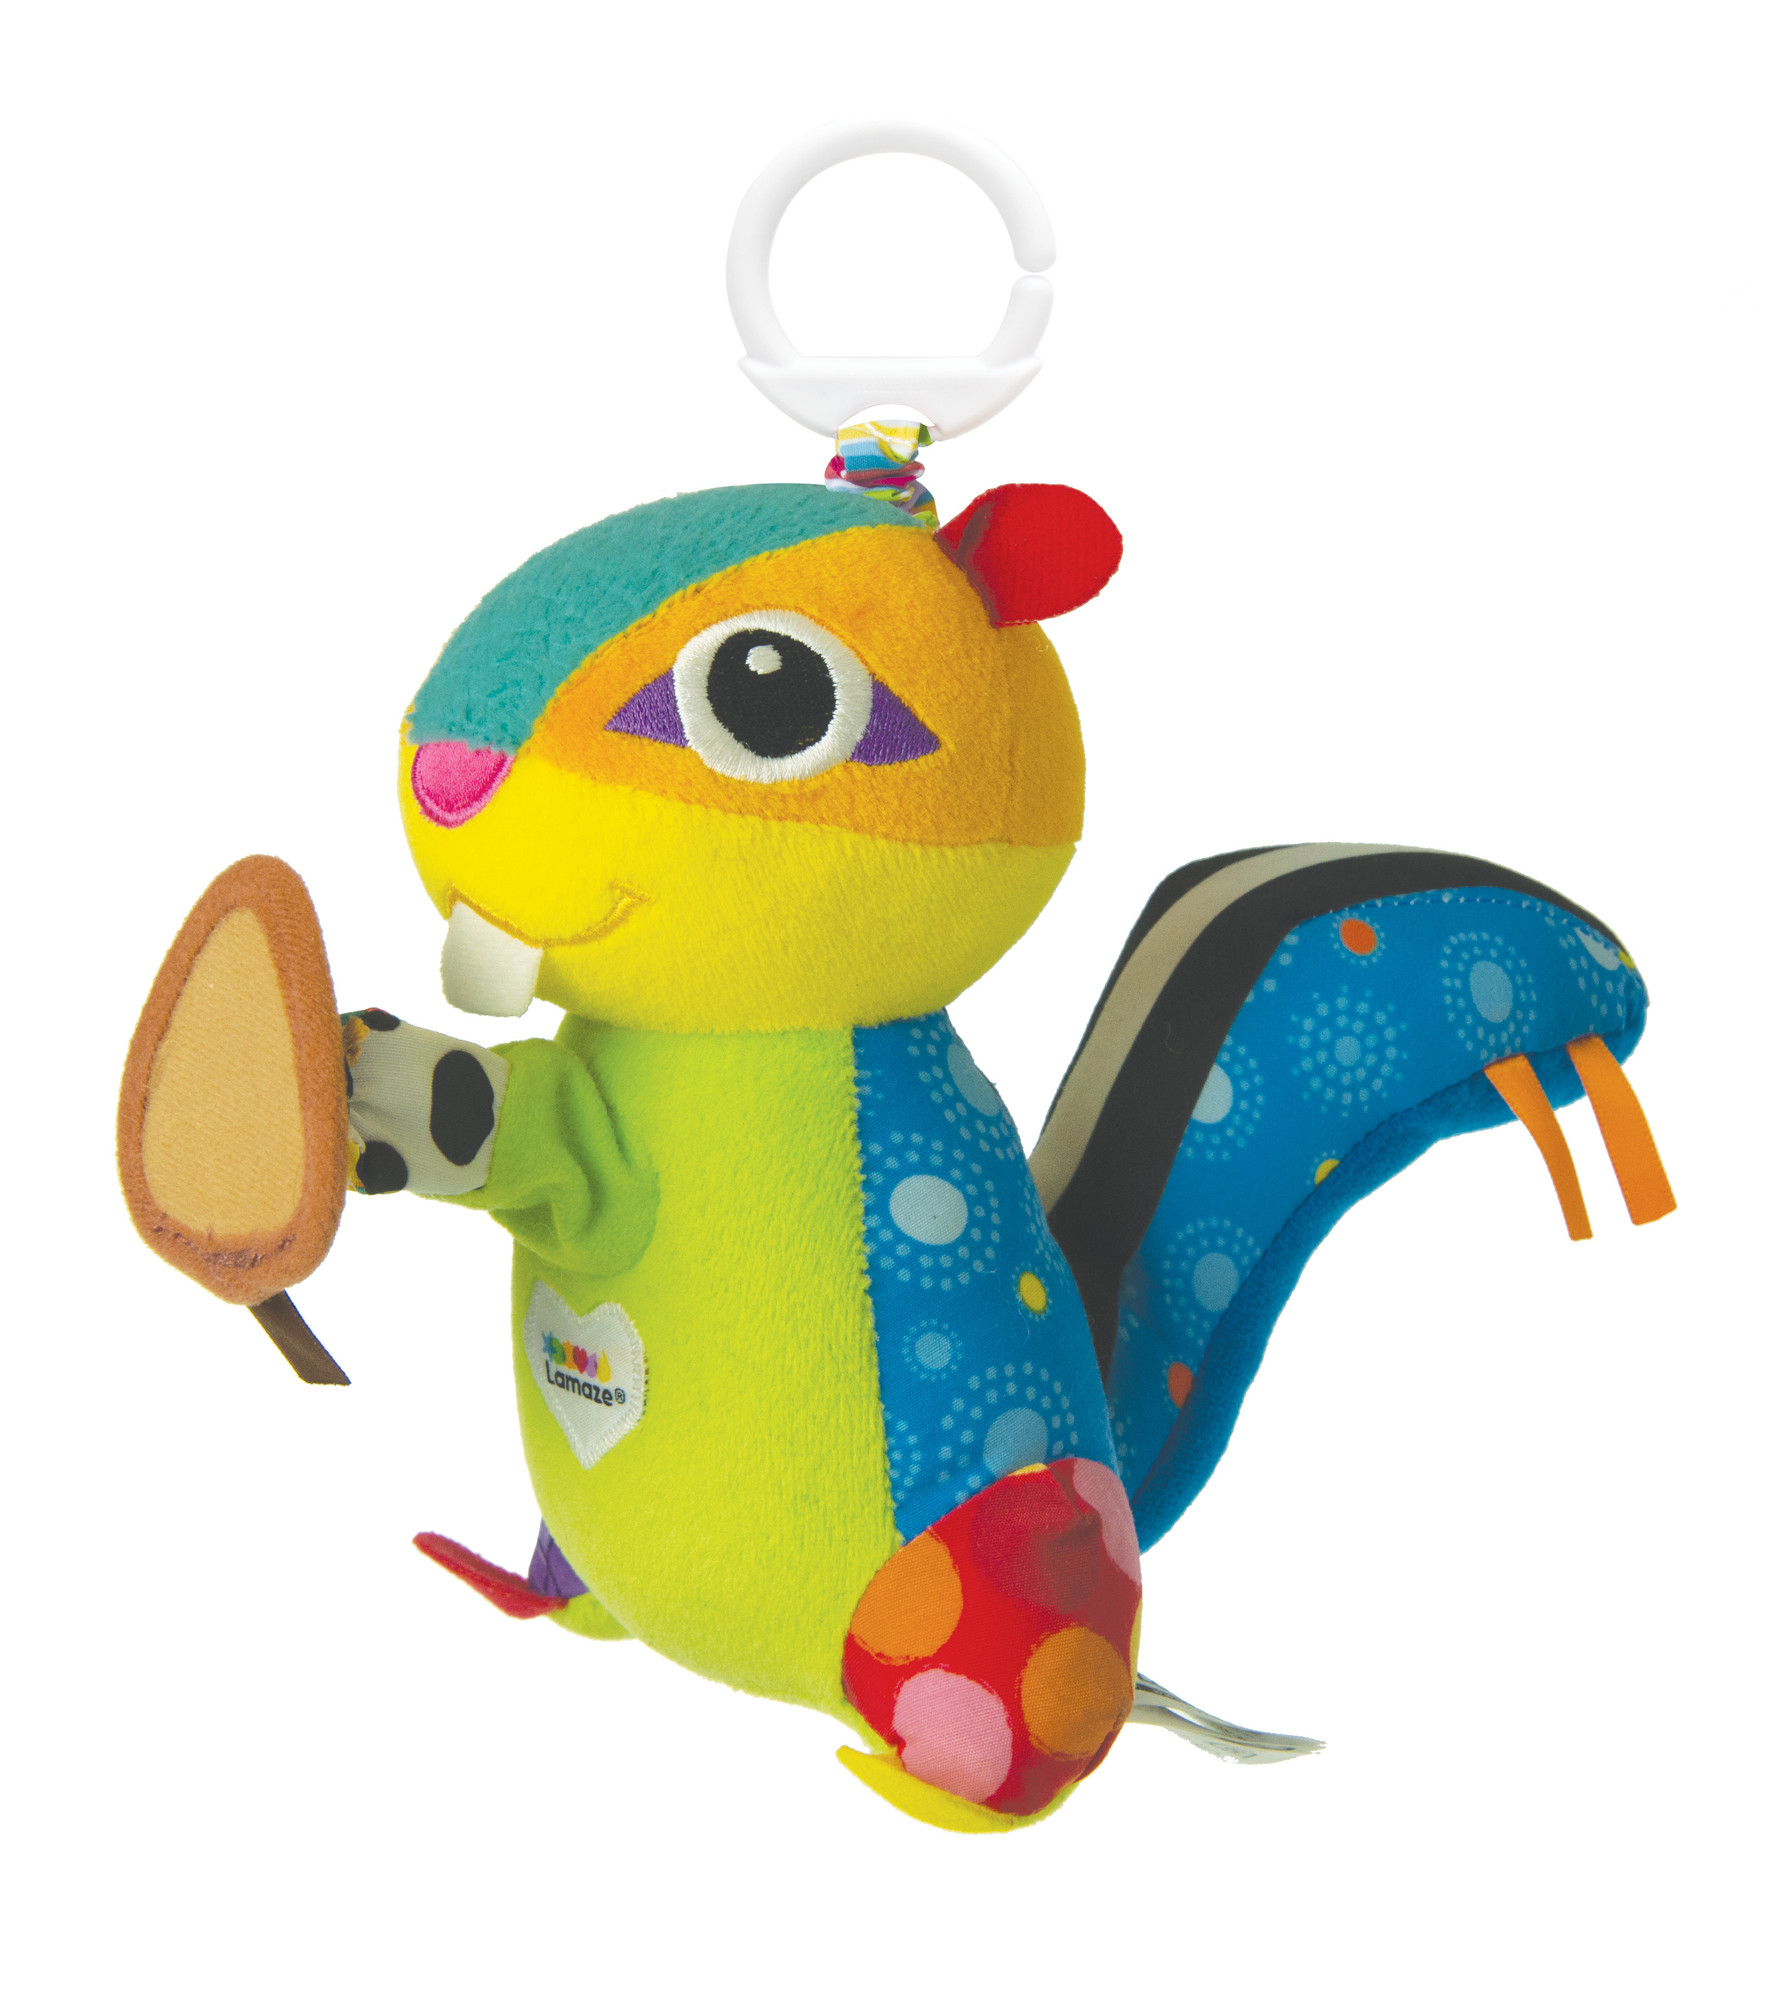 TOMY rappelle des jouets Munching Max Chipmunk en raison du risque de lacération